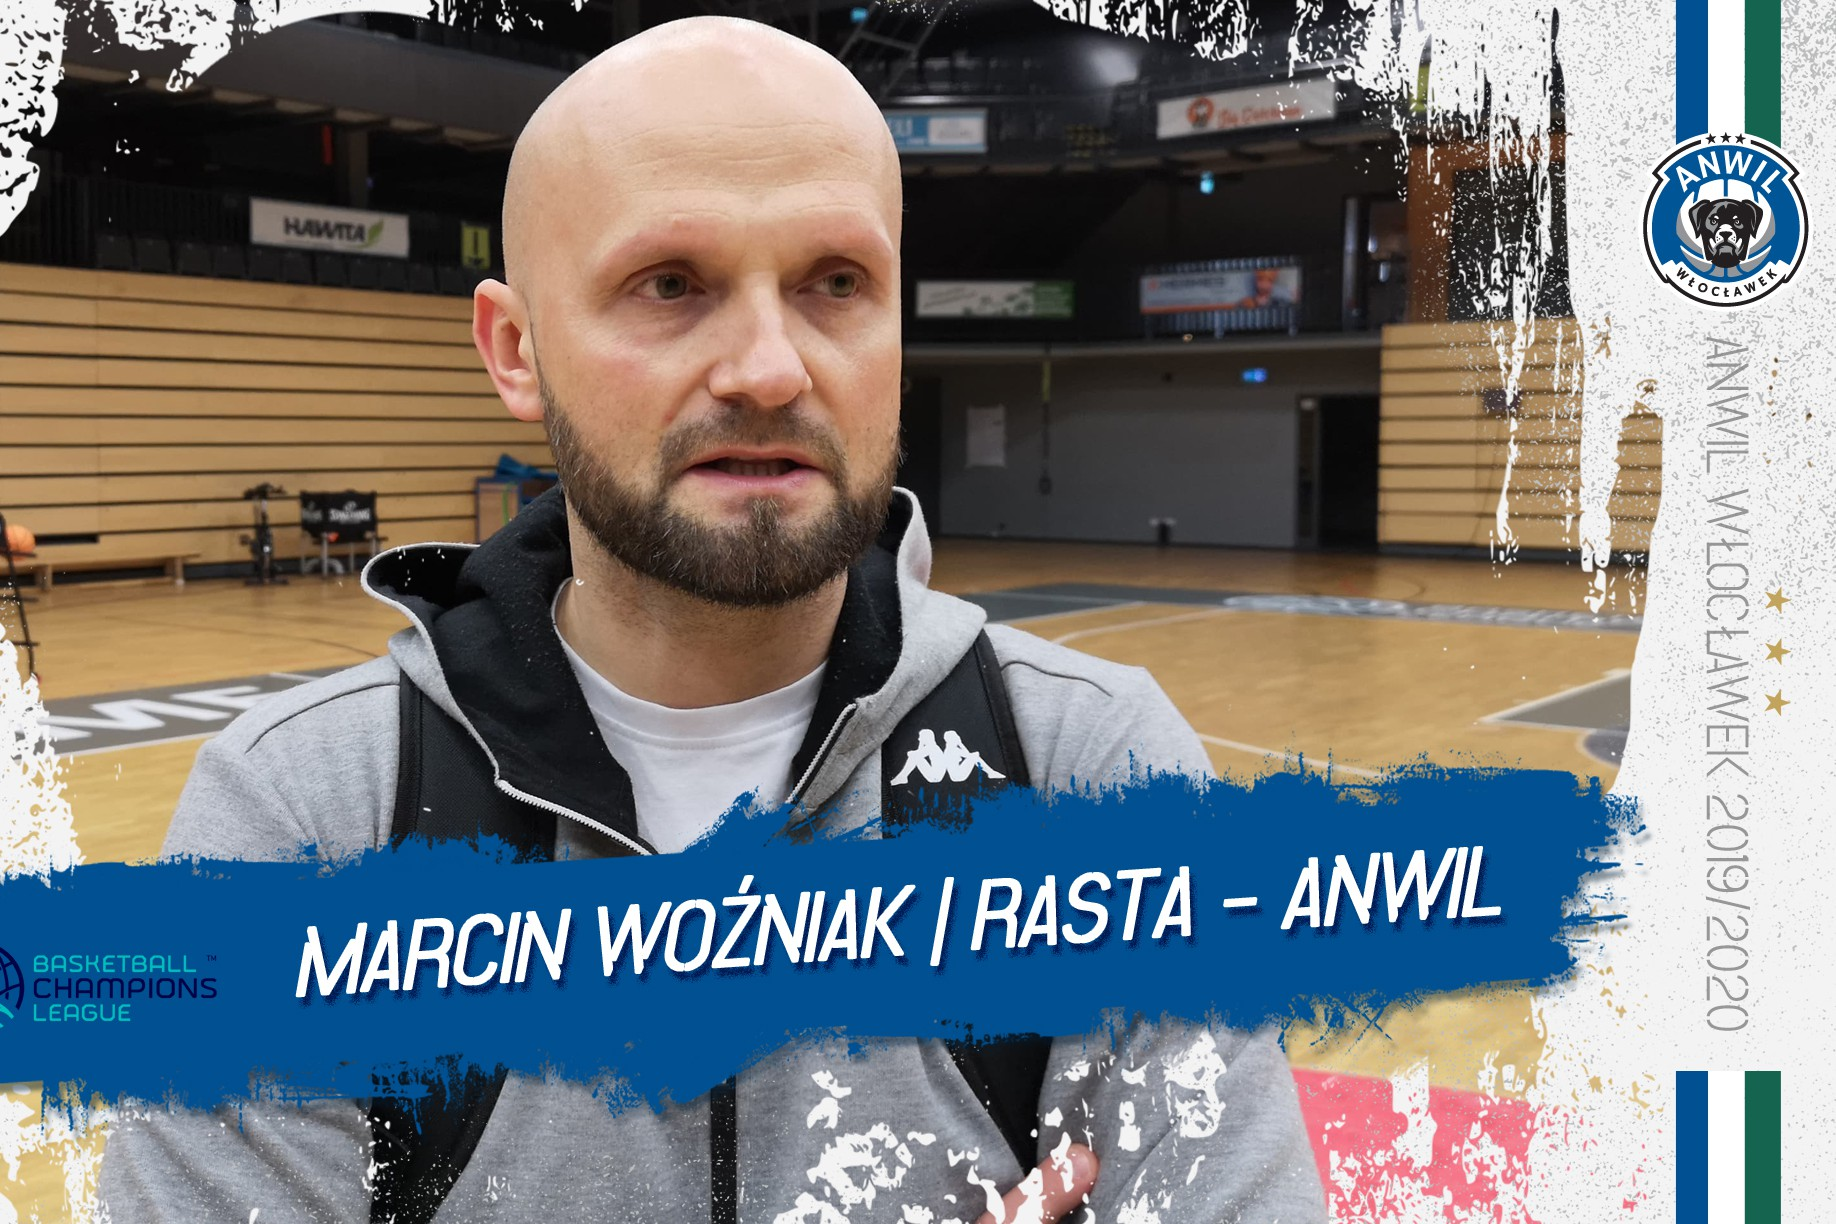 Marcin Woźniak | Przed Anwil Włocławek - RASTA Vechta